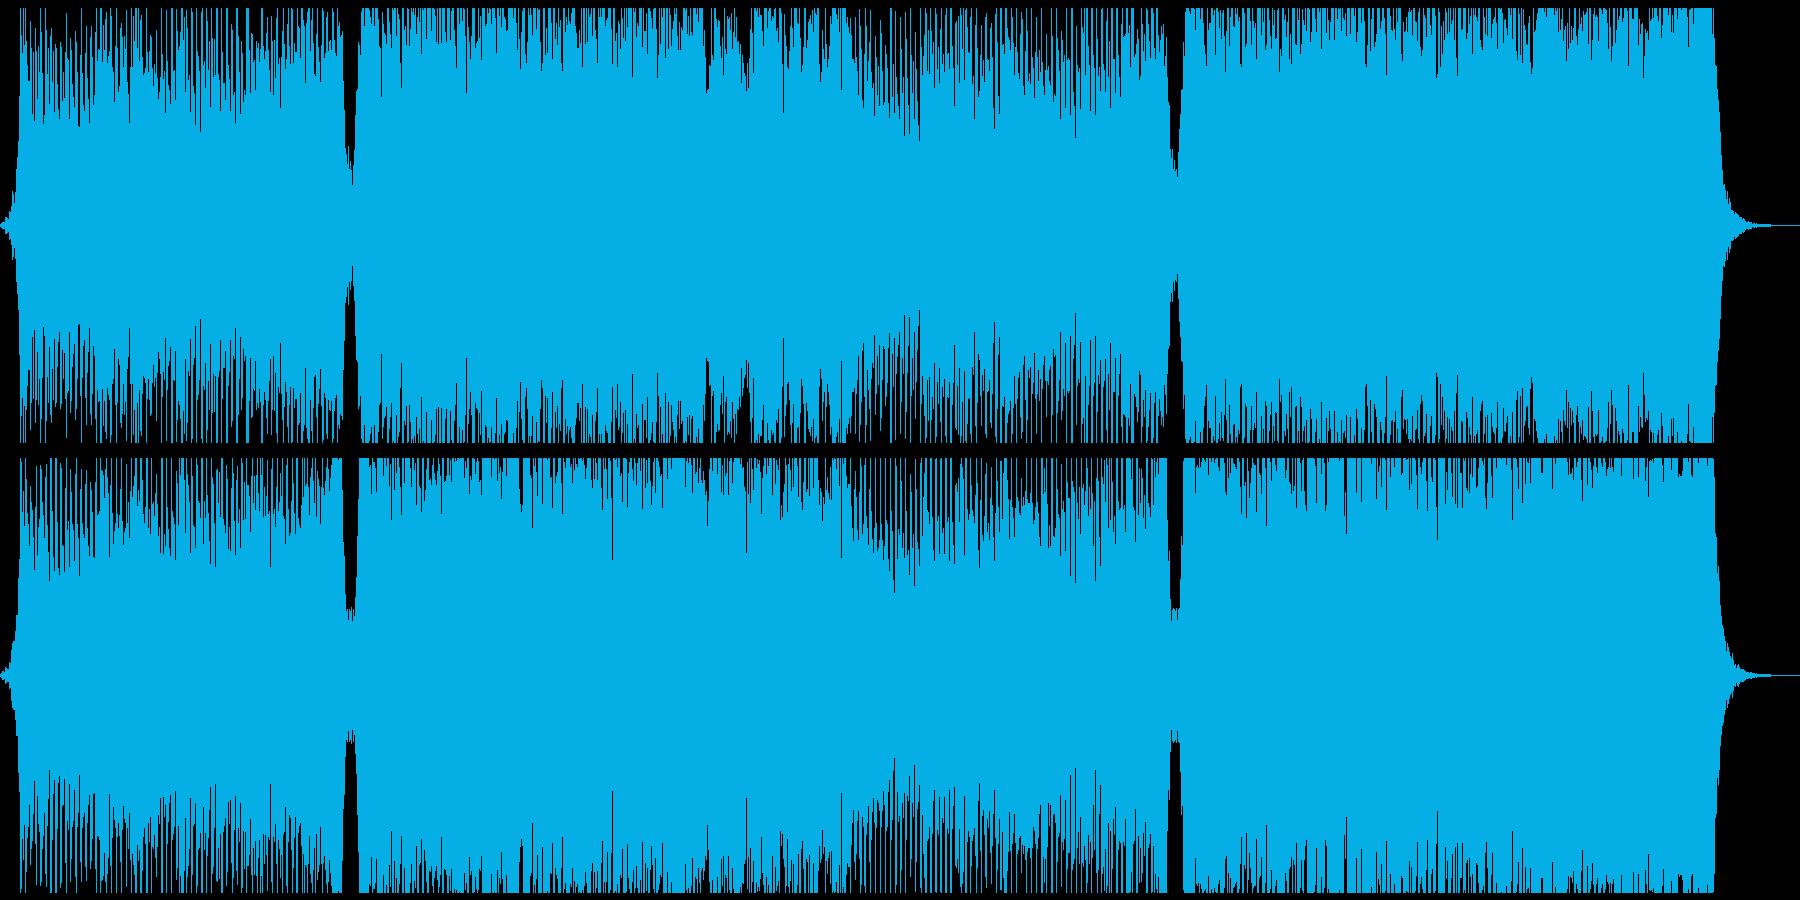 オーケストラ4つ打ちコーラス 疾走感の再生済みの波形